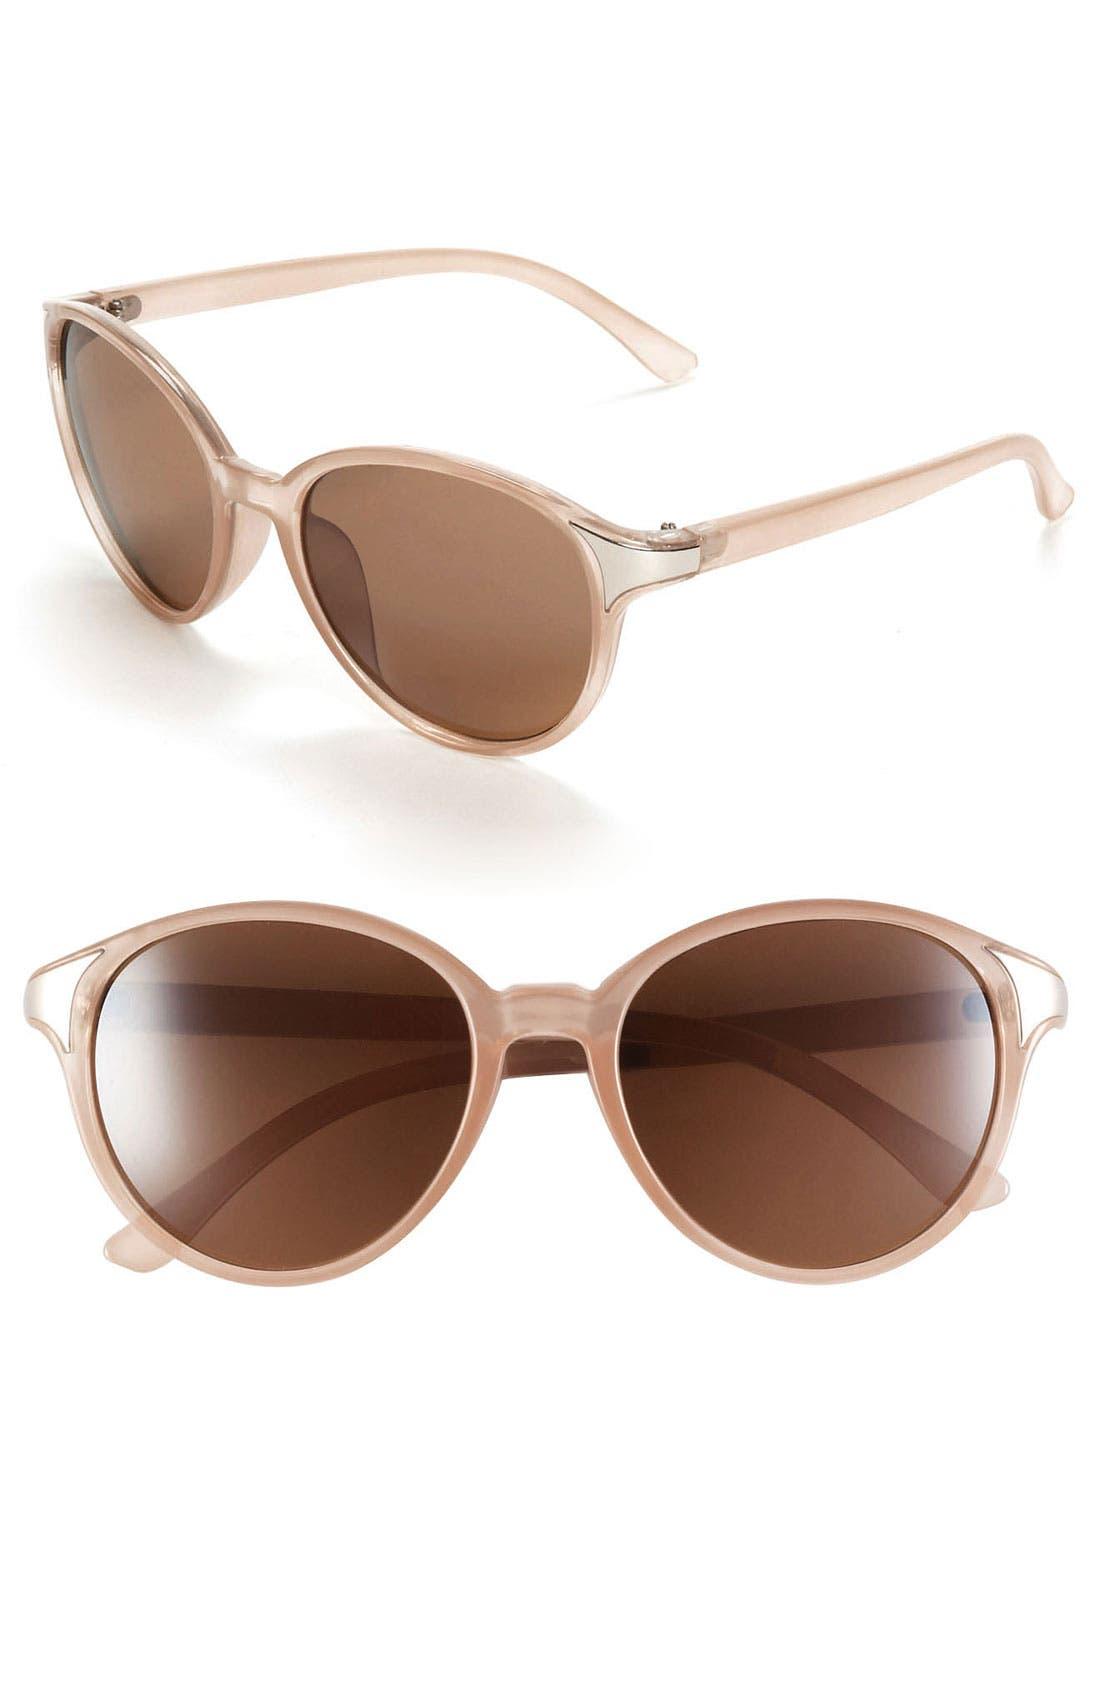 Main Image - FE NY 'High Life' Sunglasses